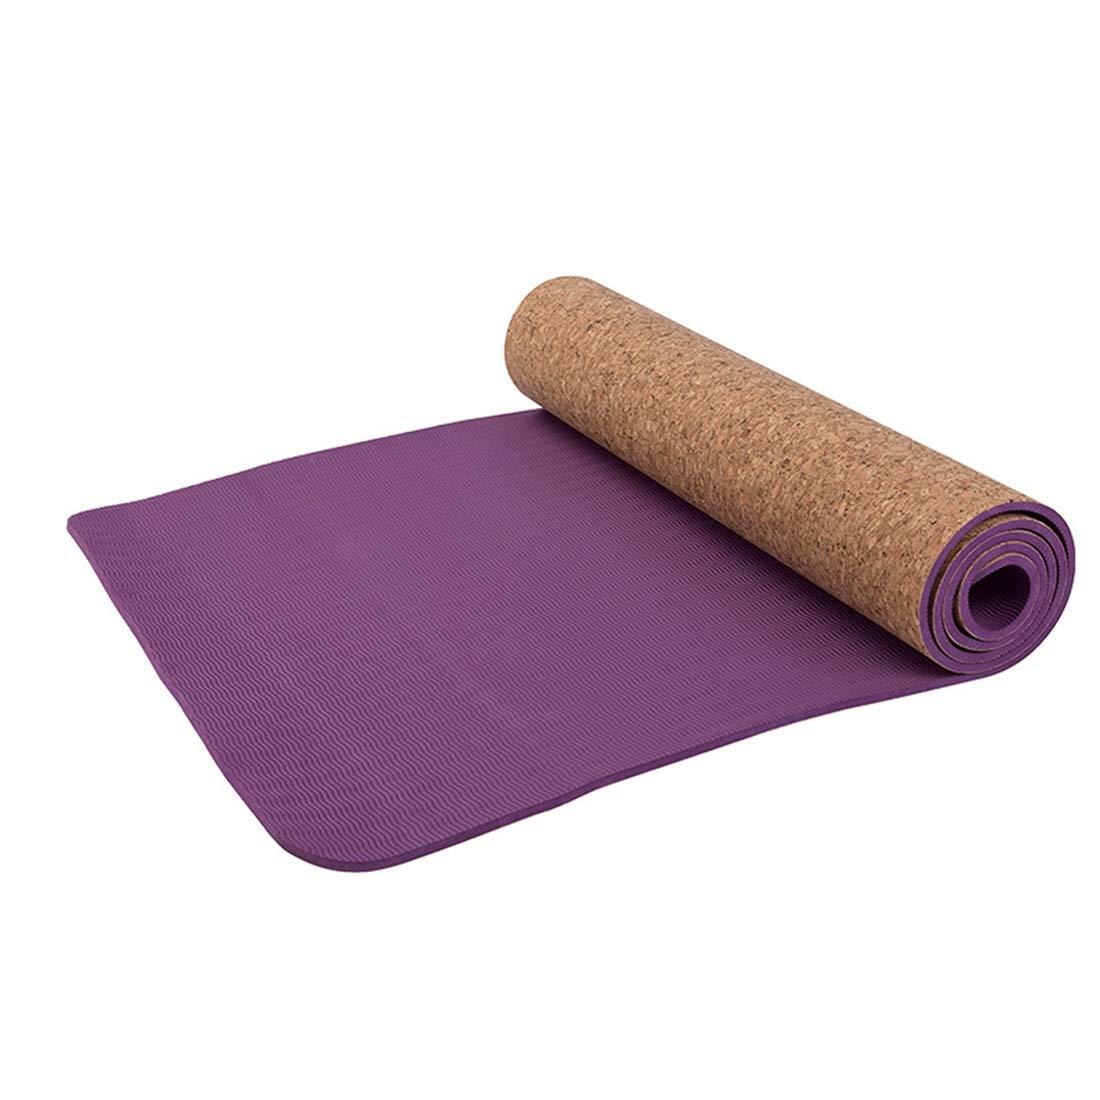 AROTOVL Yogamatte Tpe6mm umweltfreundliche köstliche Fitnessmatte Yogamatten-Turnhallenfamilie. (Größe   60cm)